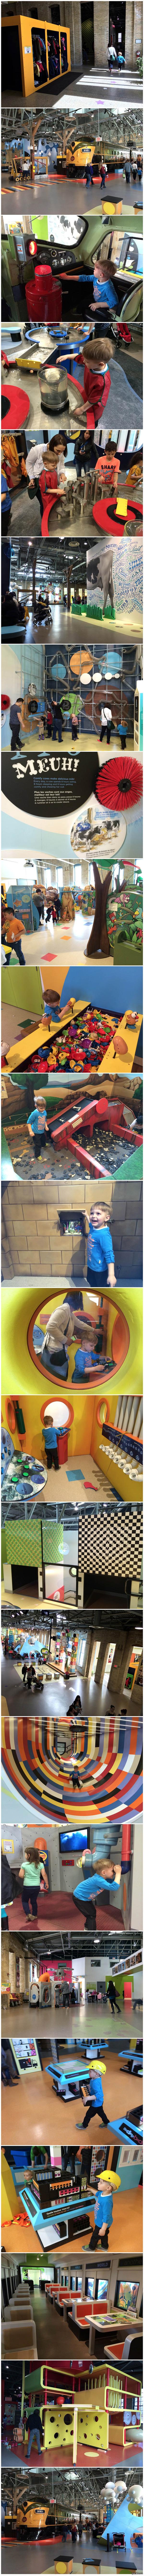 Children's museum Фотографии некоторых из площадок детского интерактивного комплекса в моём городе